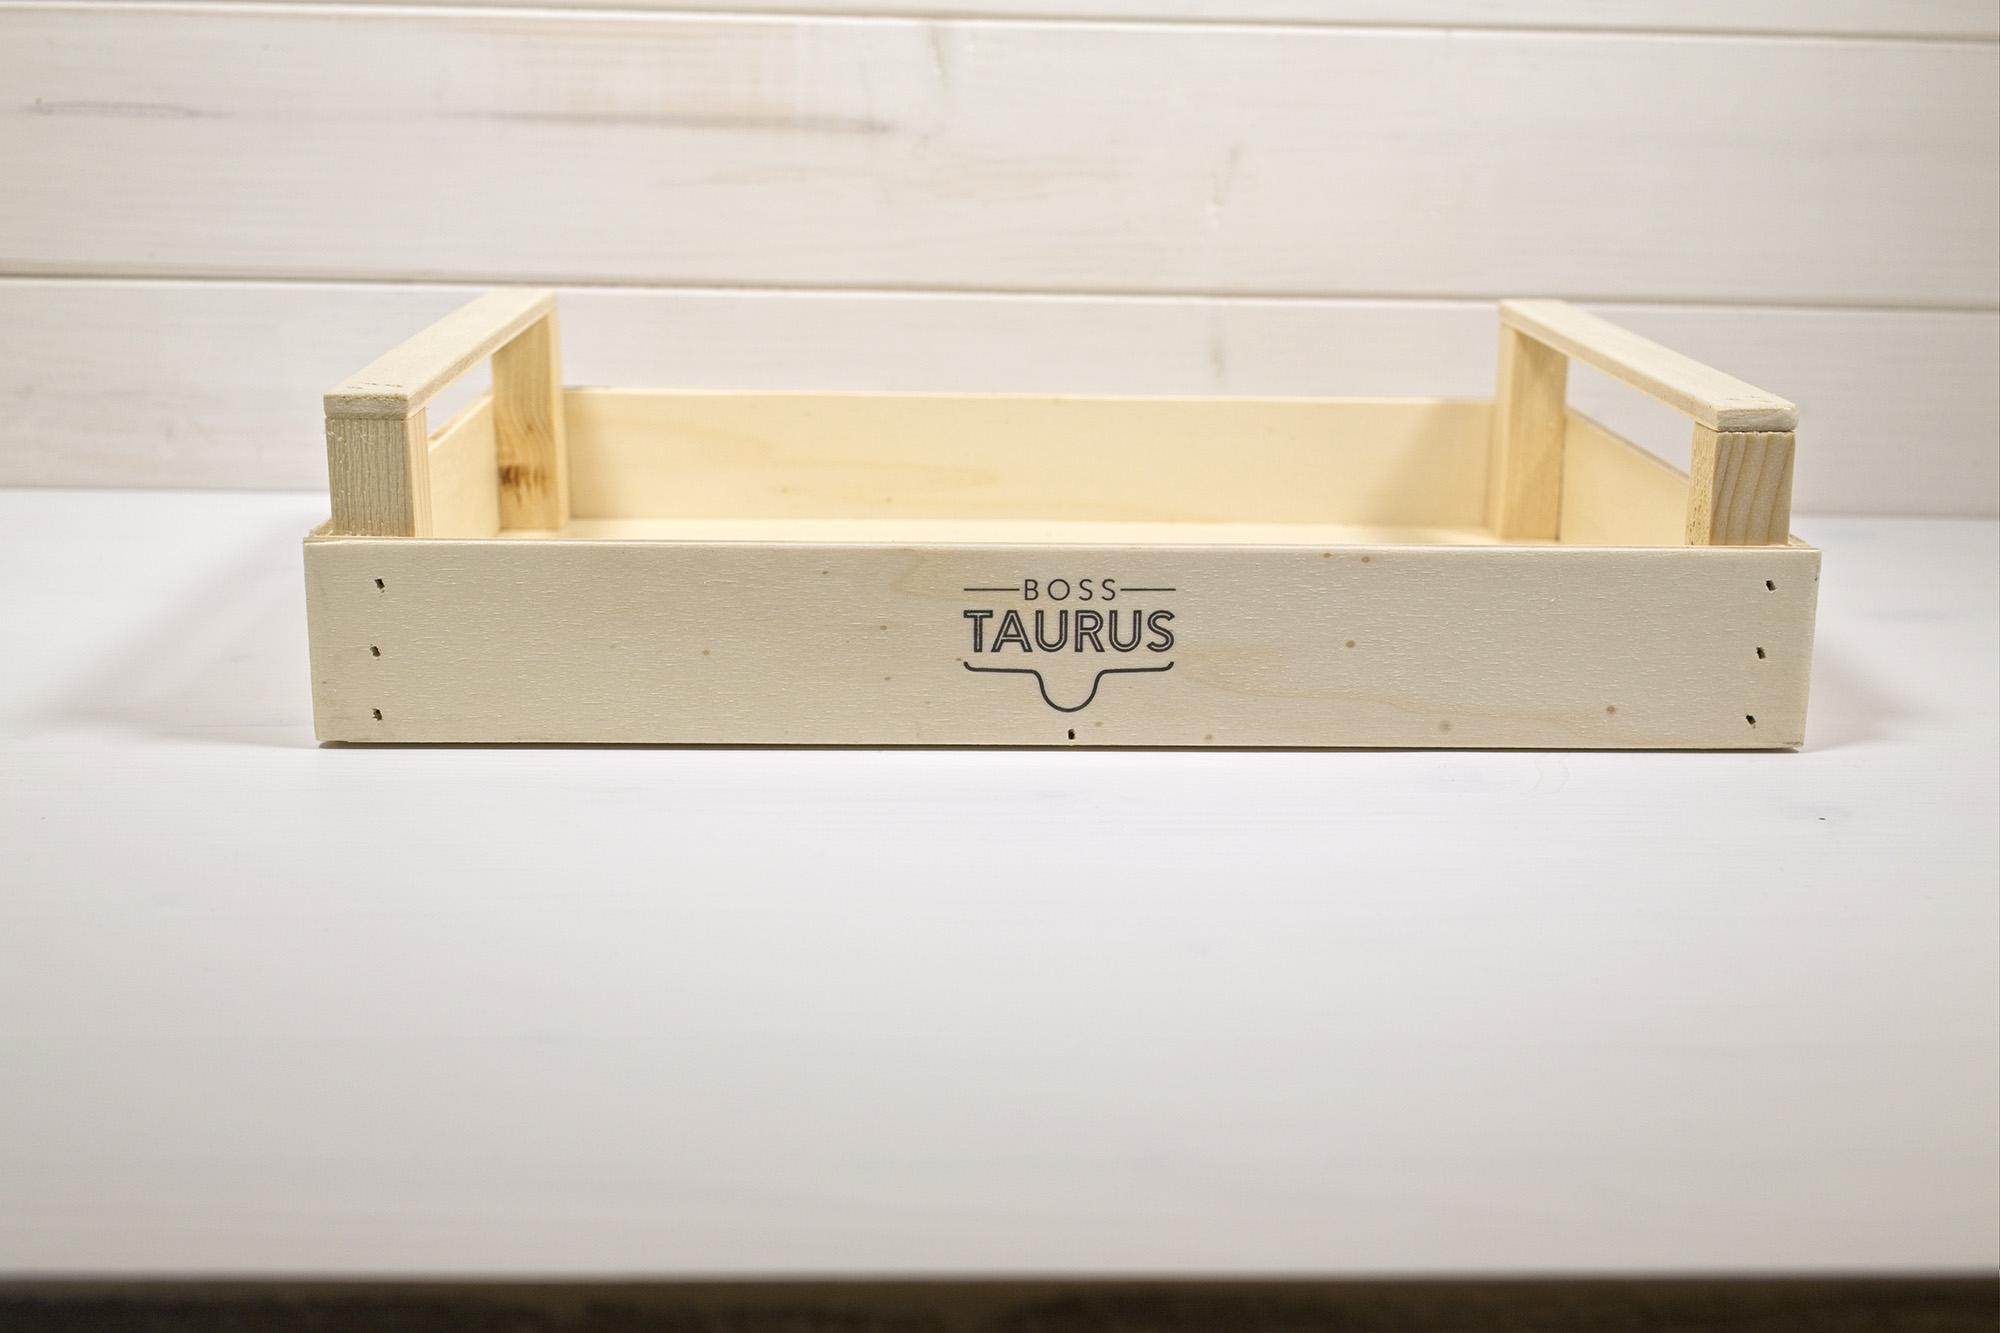 Cassetta Ciaculli Boss Taurus